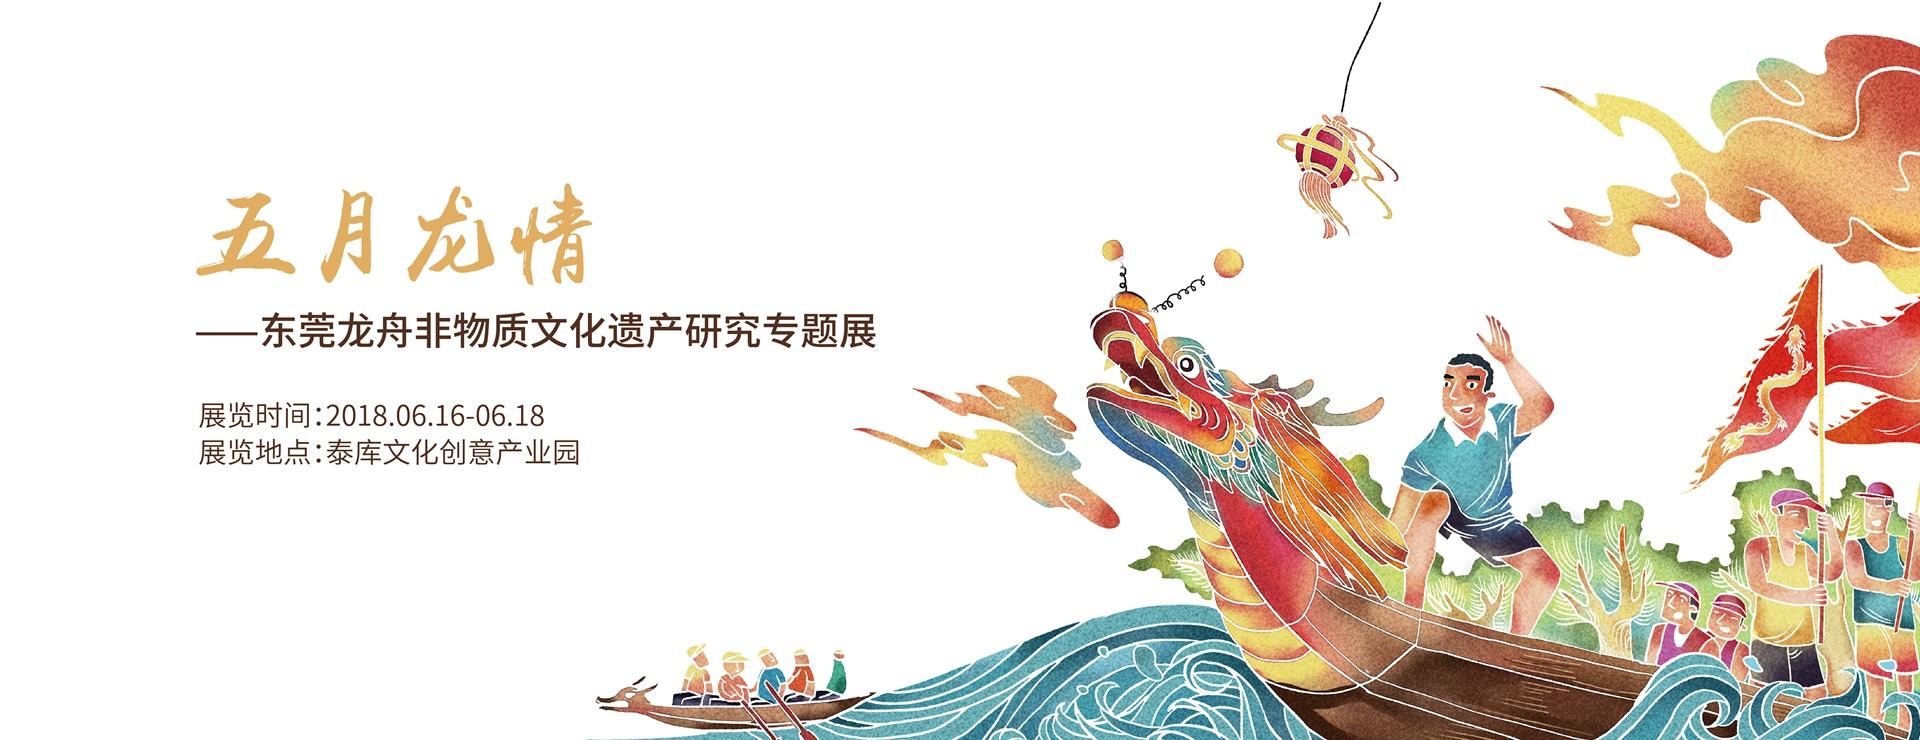 公共文化-banner